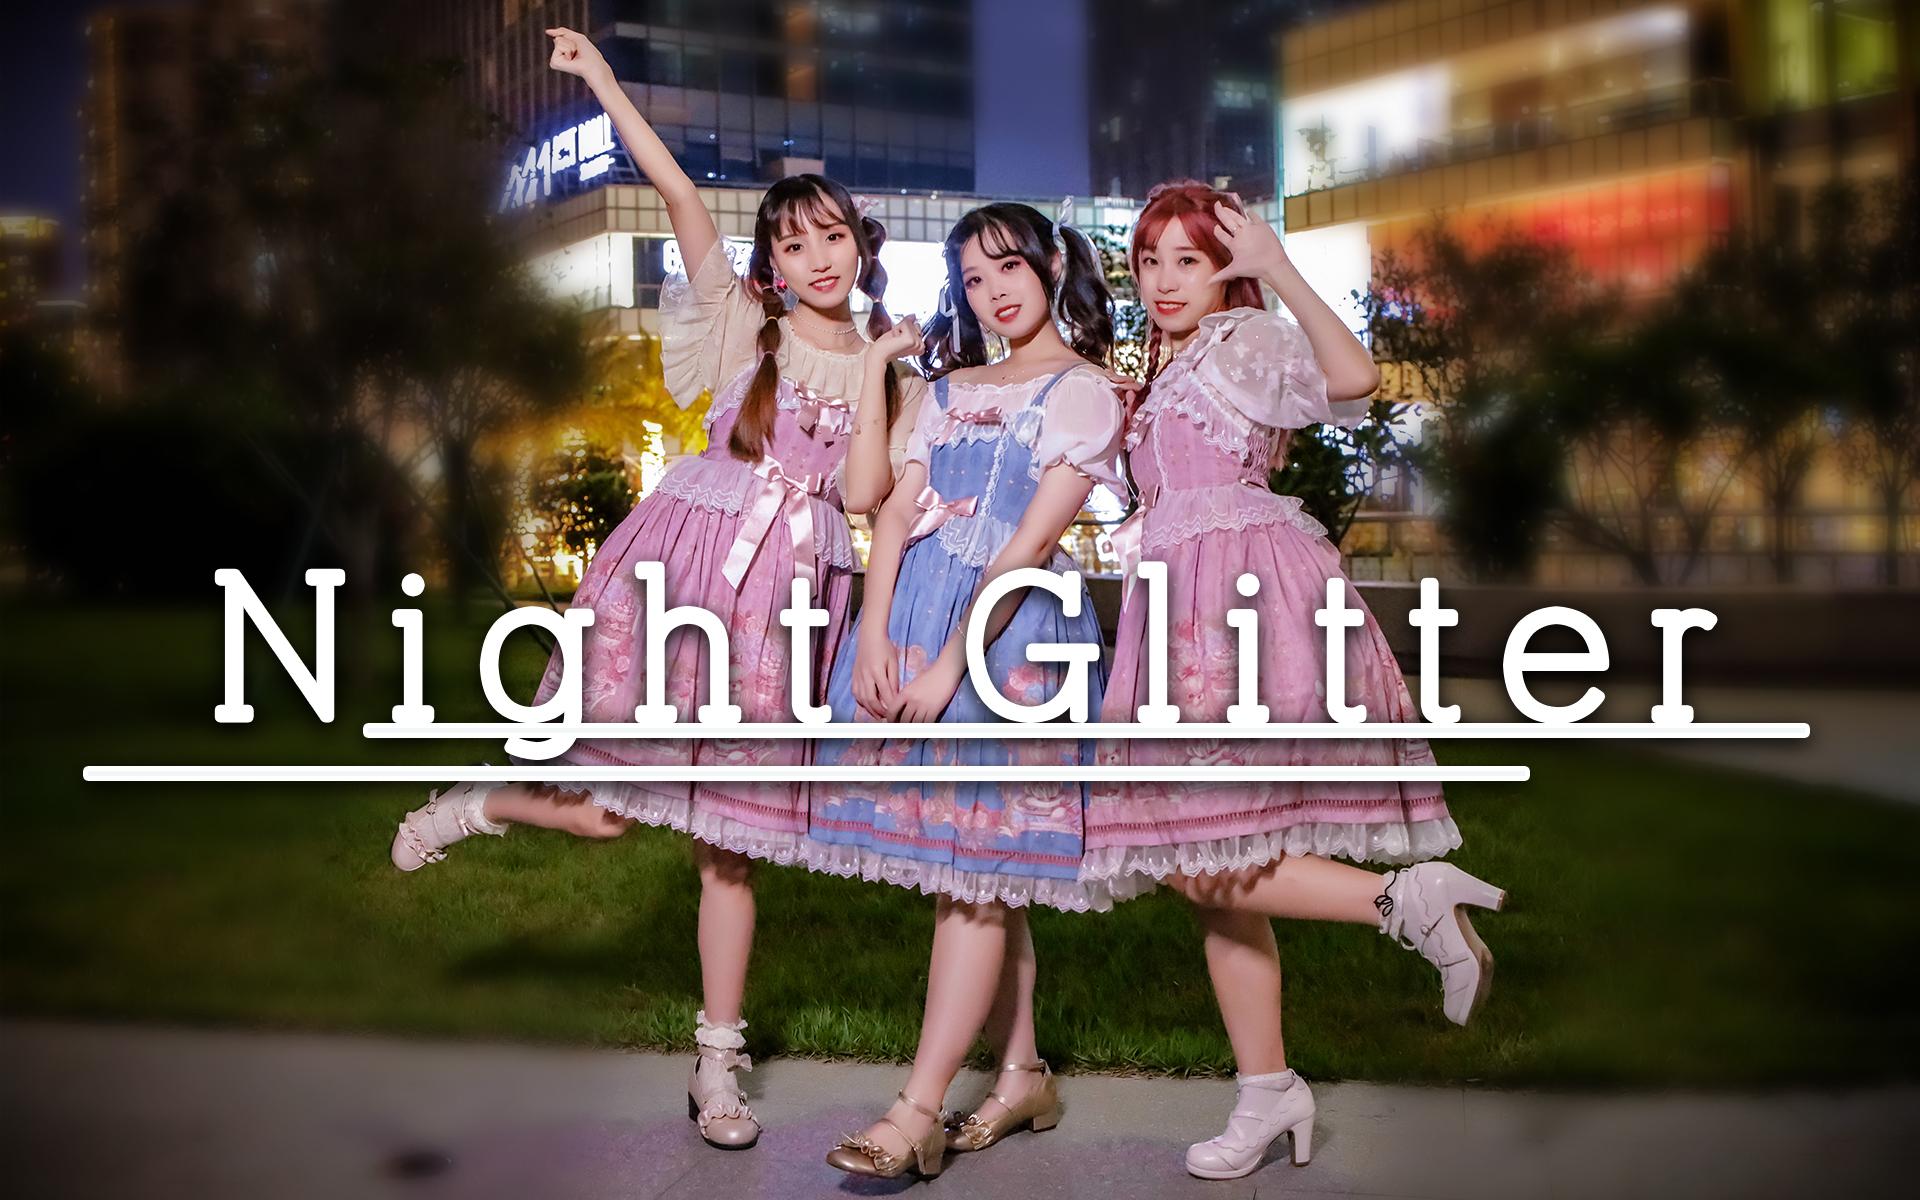 【鱼丸x阿奎x北北】★Night Glitter★ 夜晚的入口处, 群星闪耀